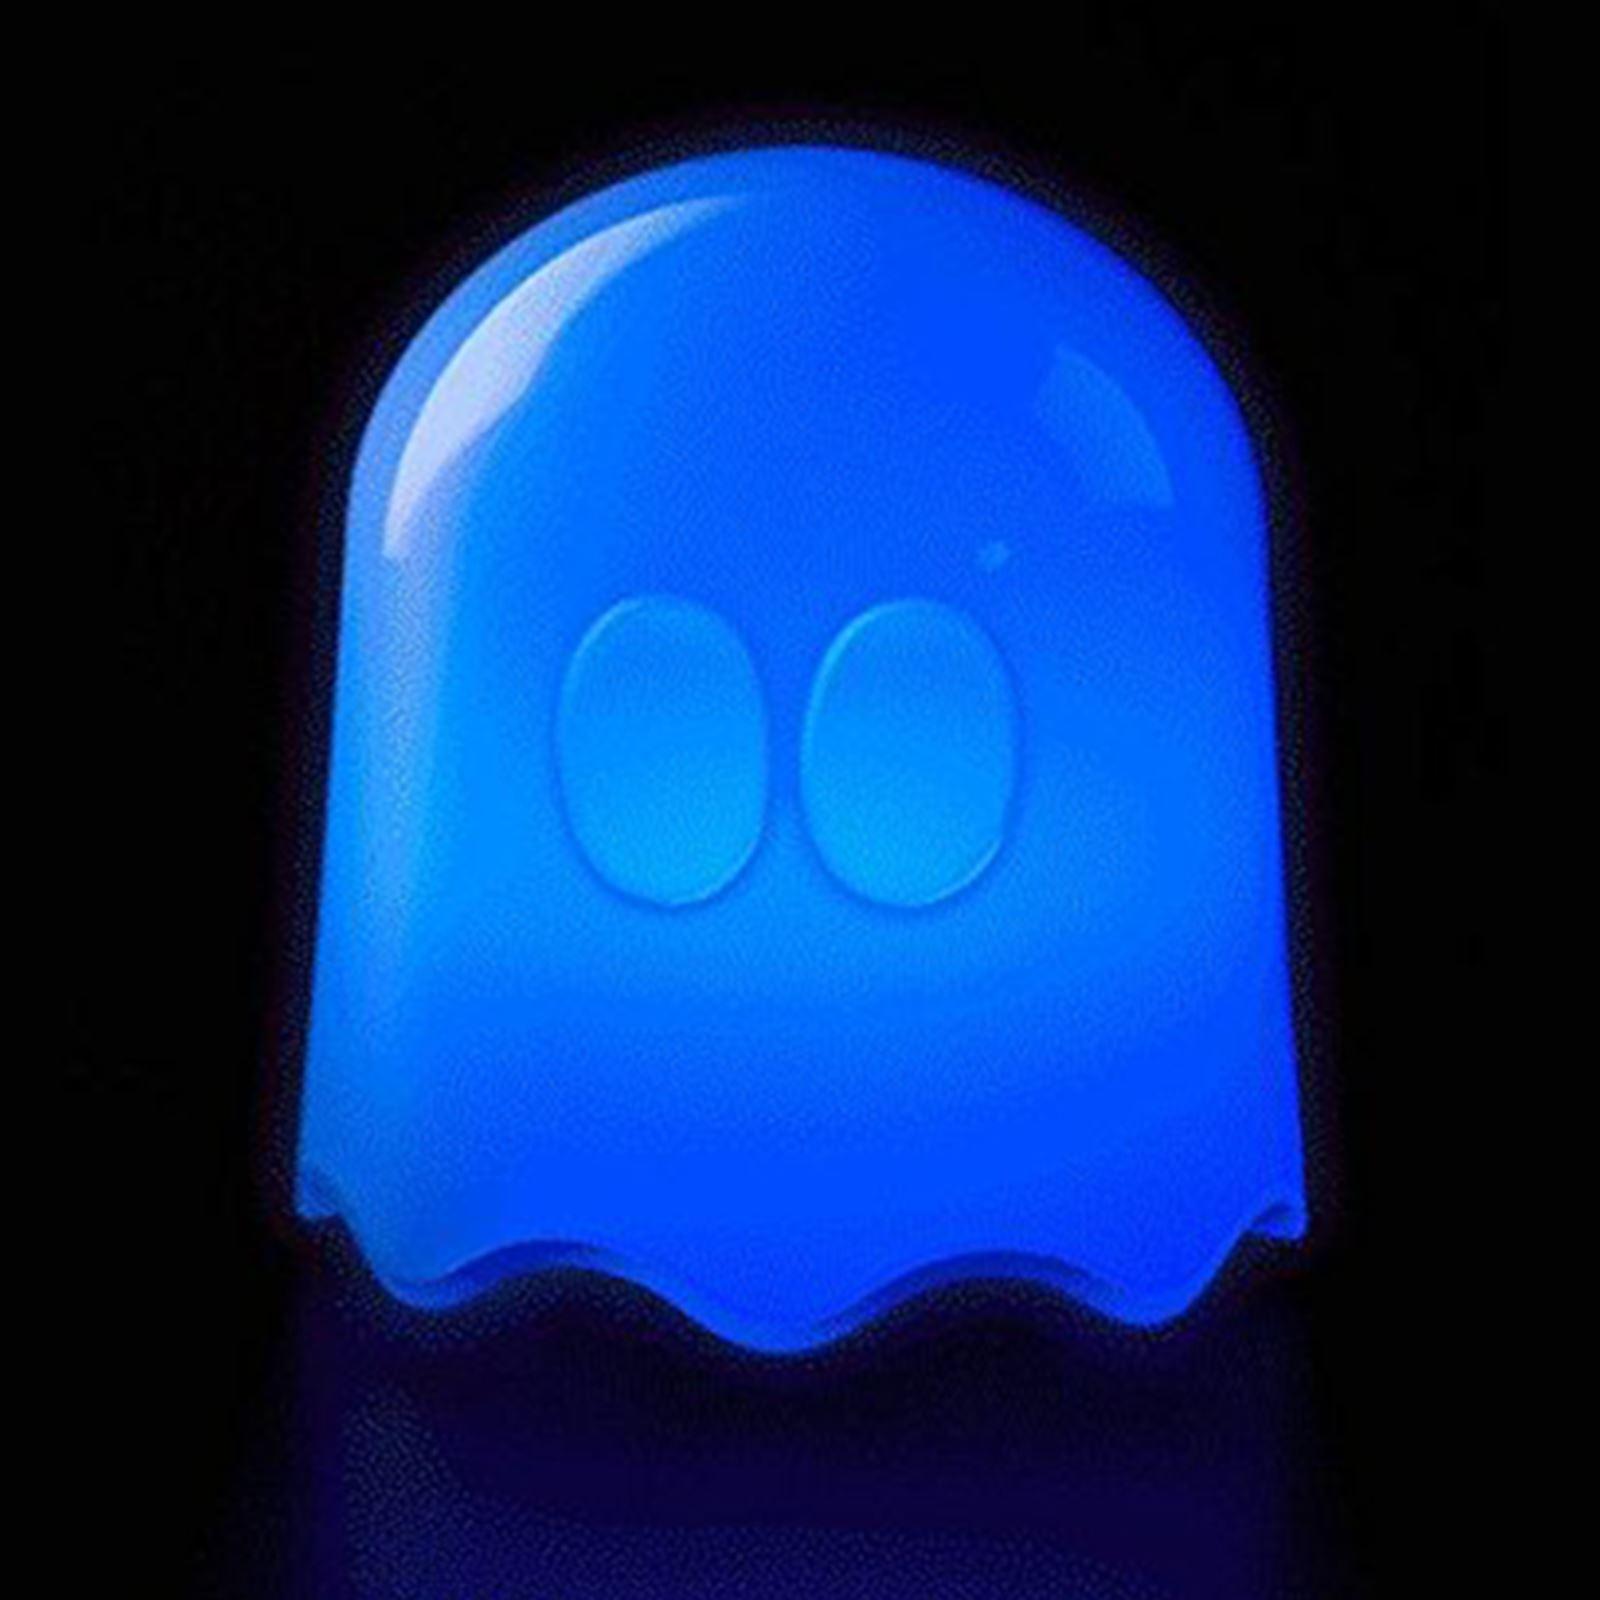 Pac man couleur changeante led fant me lampe t l commande enfants clairage 1 - Lampe led couleur changeante ...